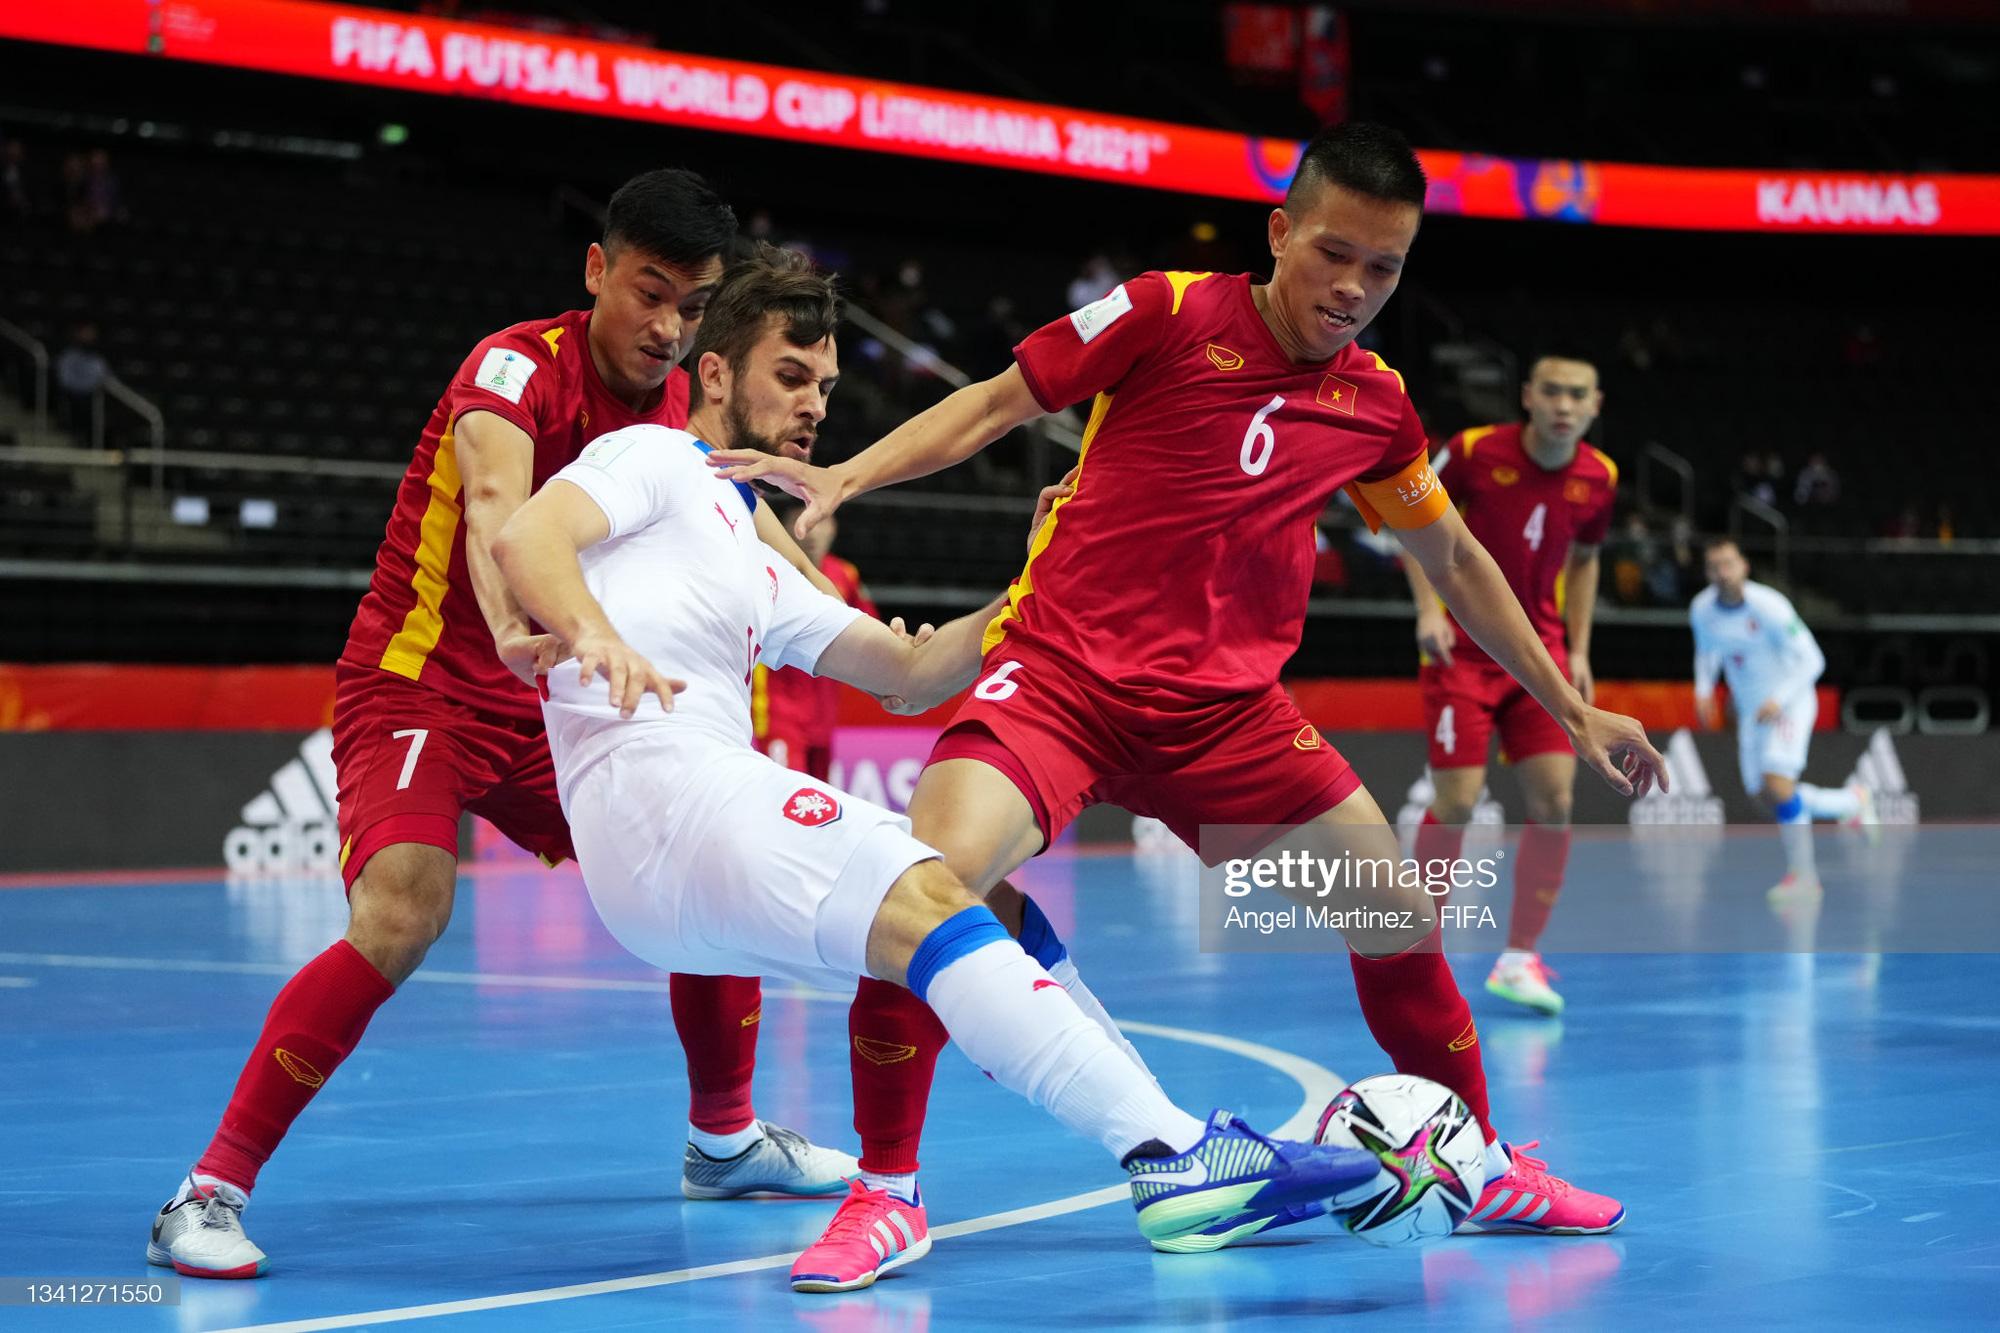 Vào đến vòng 16 đội World Cup 2021, các tuyển thủ futsal Việt Nam vẫn chỉ có lượt theo dõi khiêm tốn trên mạng xã hội - Ảnh 5.